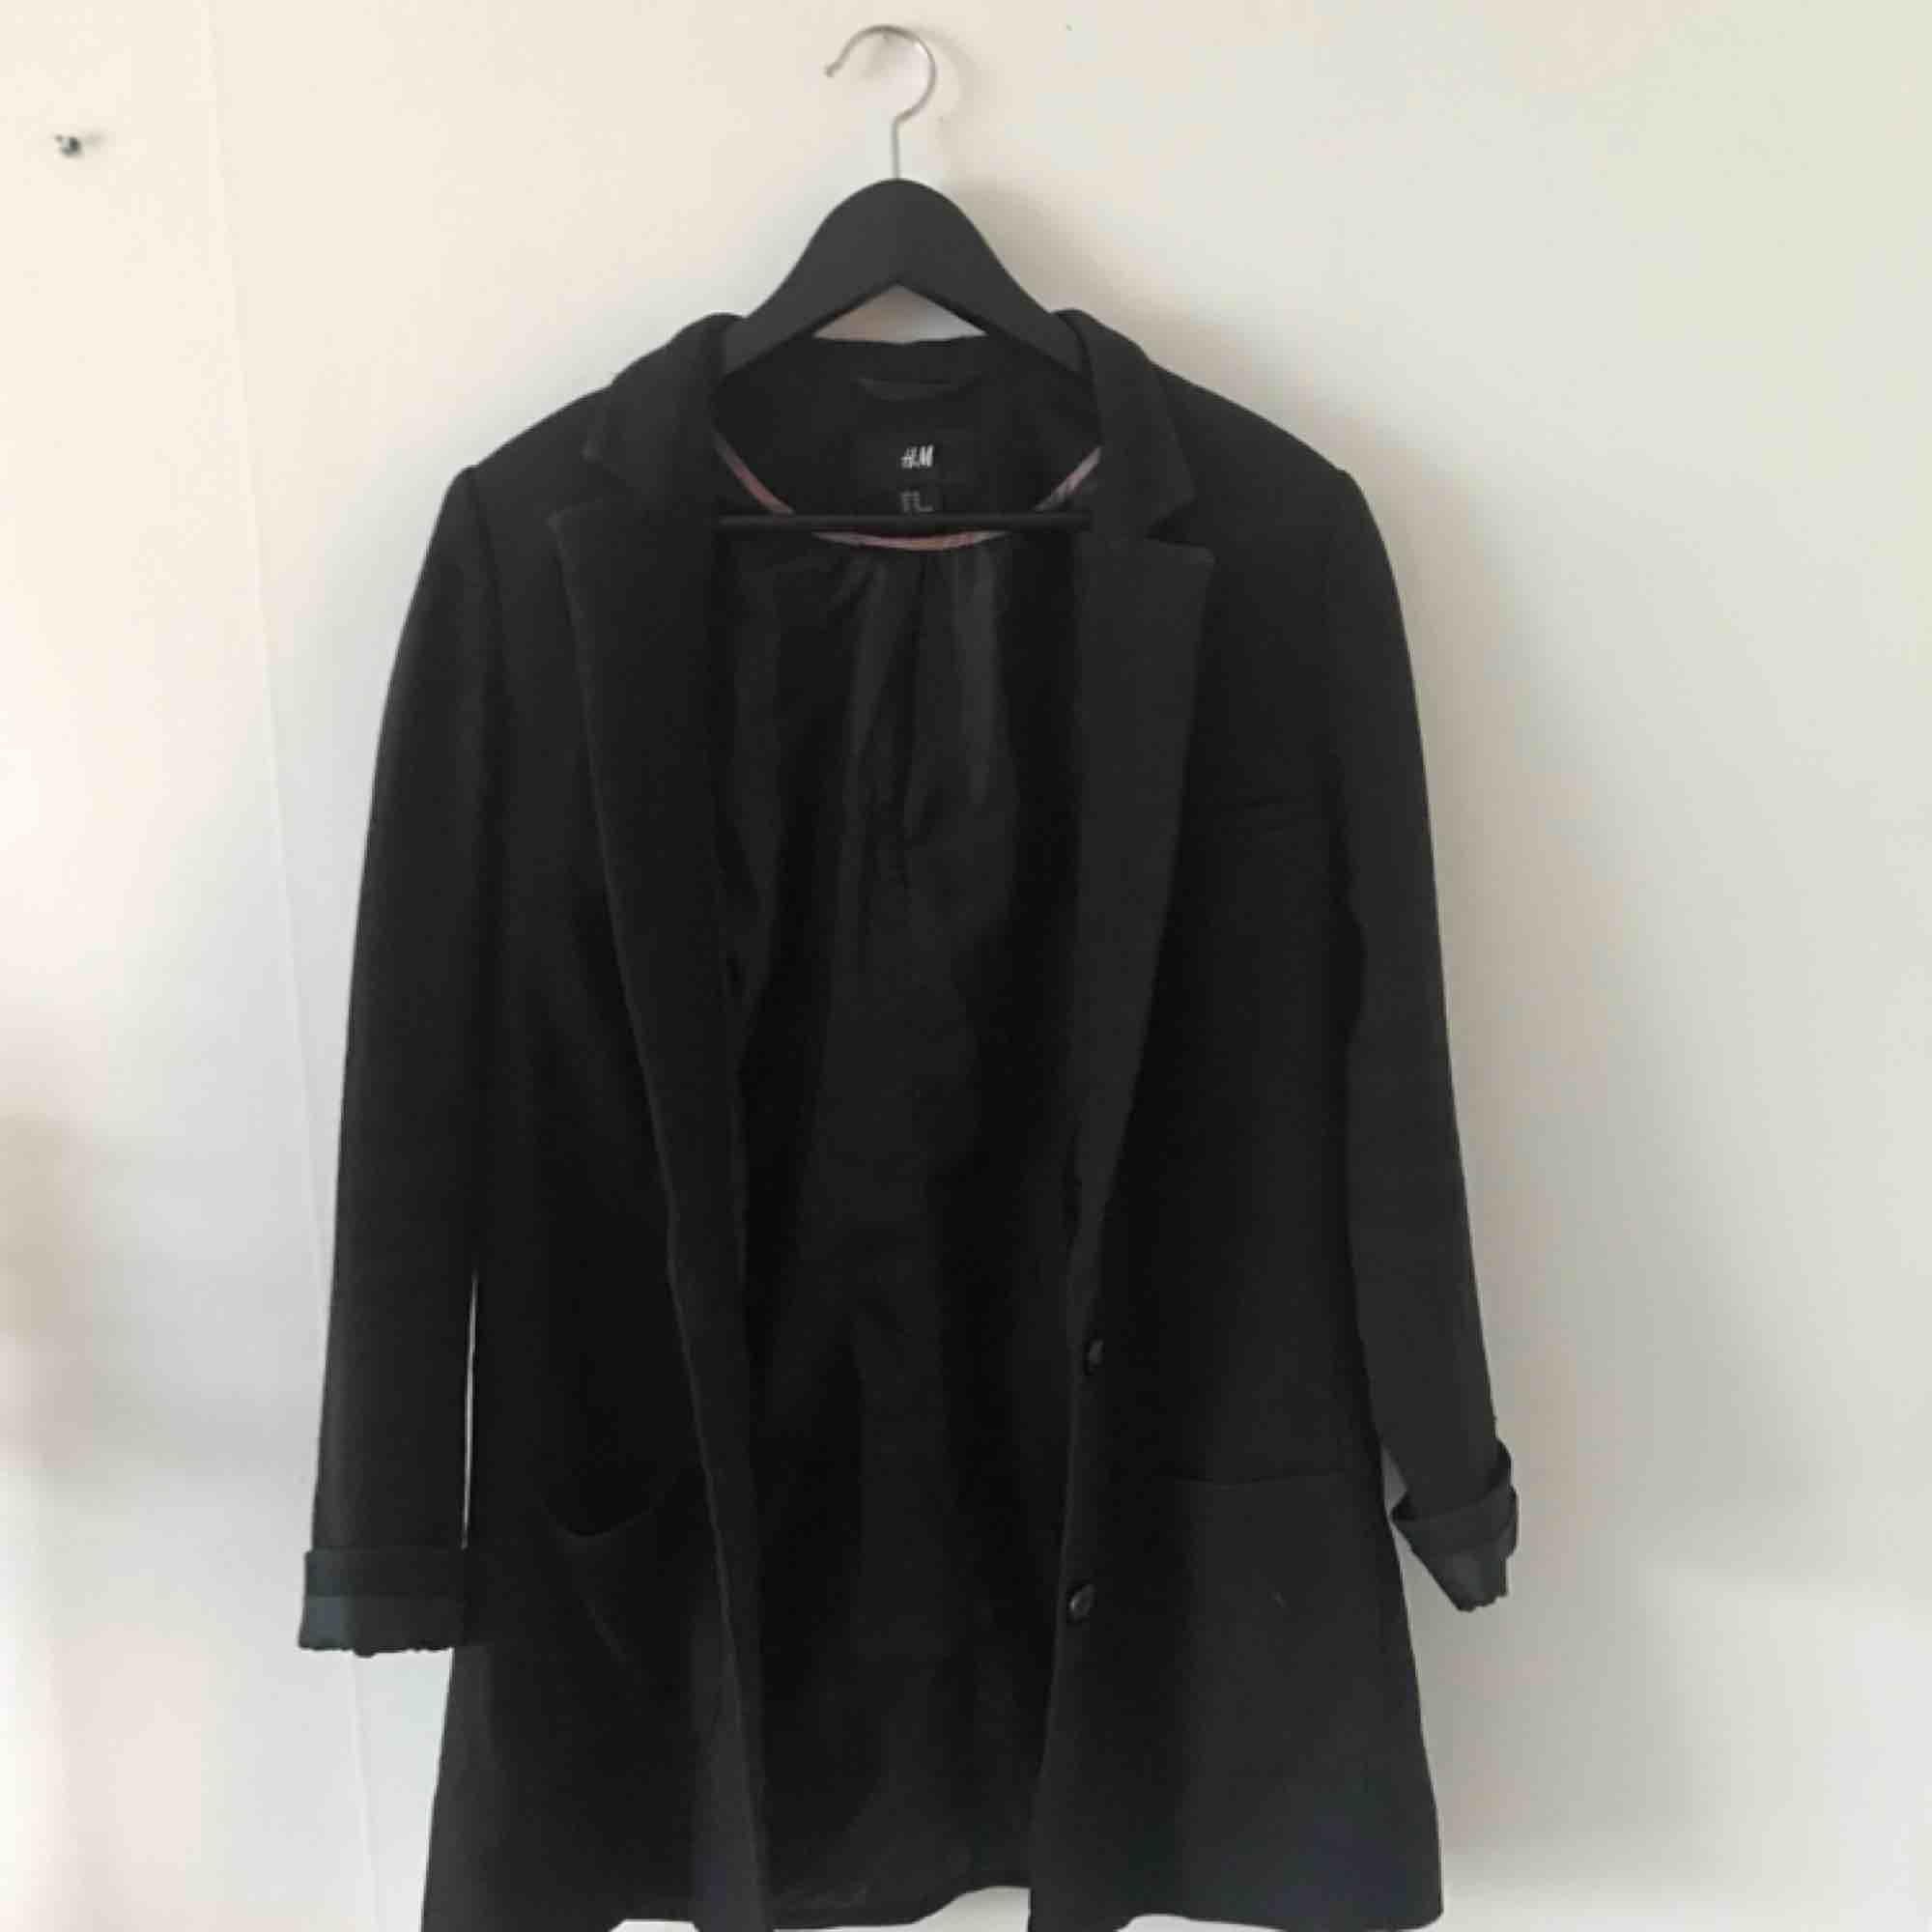 Svart kavaj från H&M. Aningen längre modell. Använd men i gott skick. Kan mötas i Göteborg eller skicka med post (köparen betalar frakt). Kostymer.